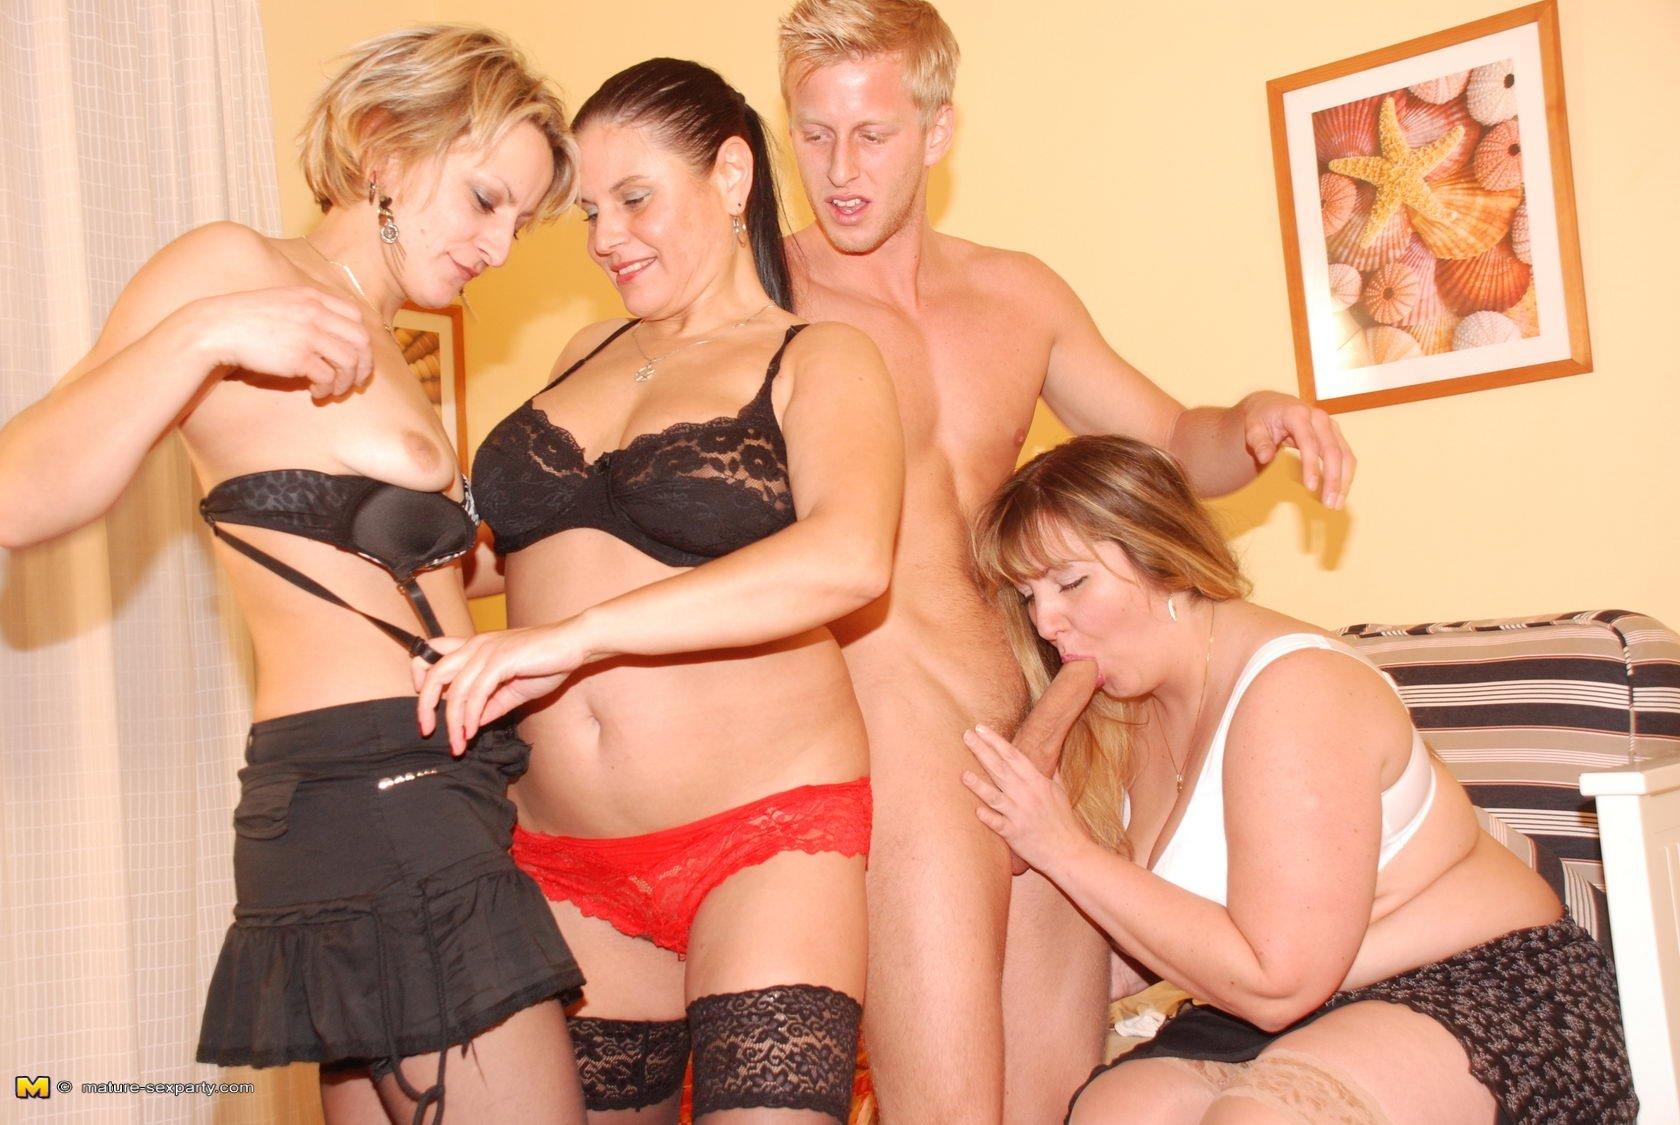 мотив поведения нескромные дамы развлекаются как при обычном